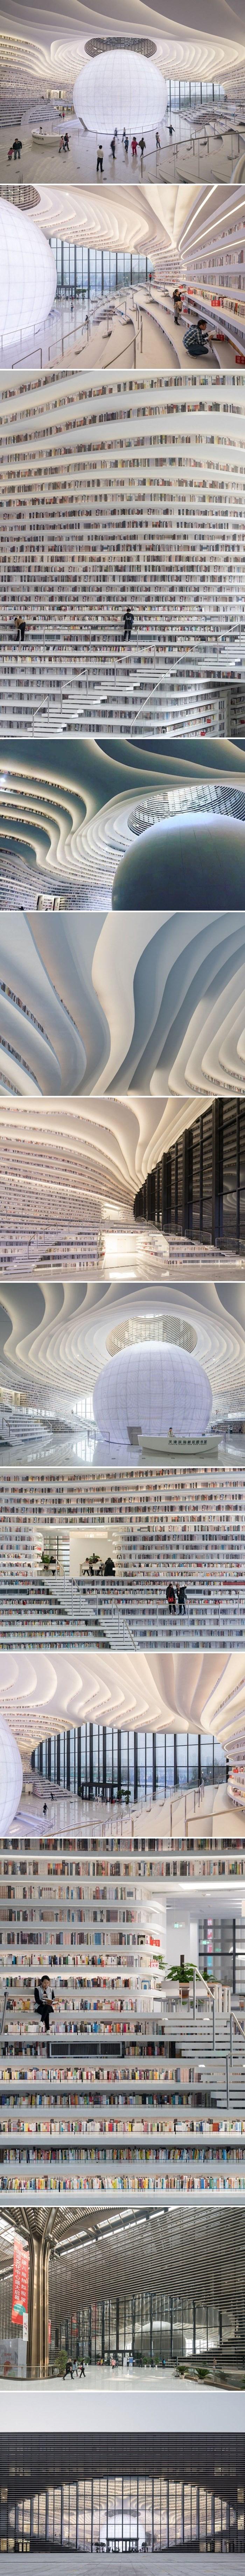 U Kini postoji knjižnica s preko milijun knjiga, unutrašnjost će vam oduzeti dah